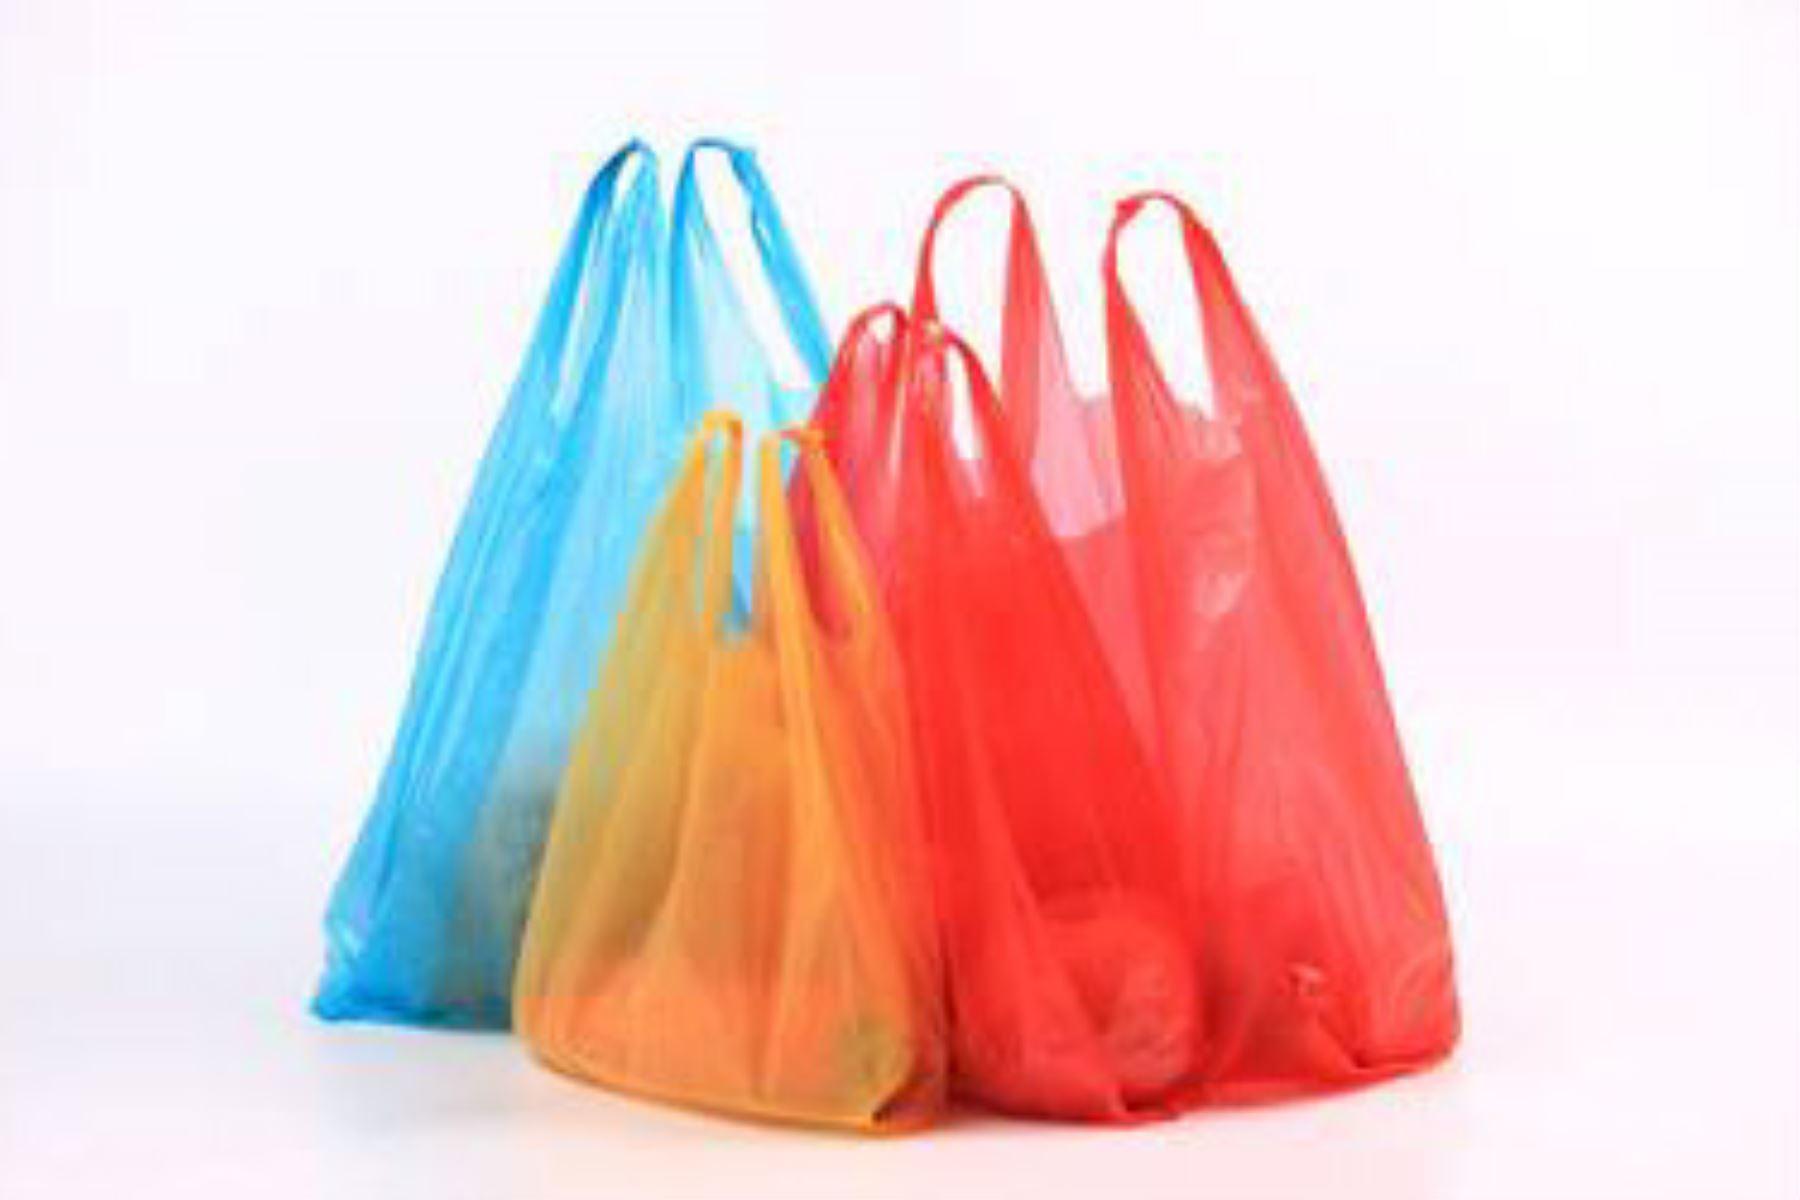 Mercados y bodegas pequeñas no deben cobrar impuesto — Bolsas de plástico